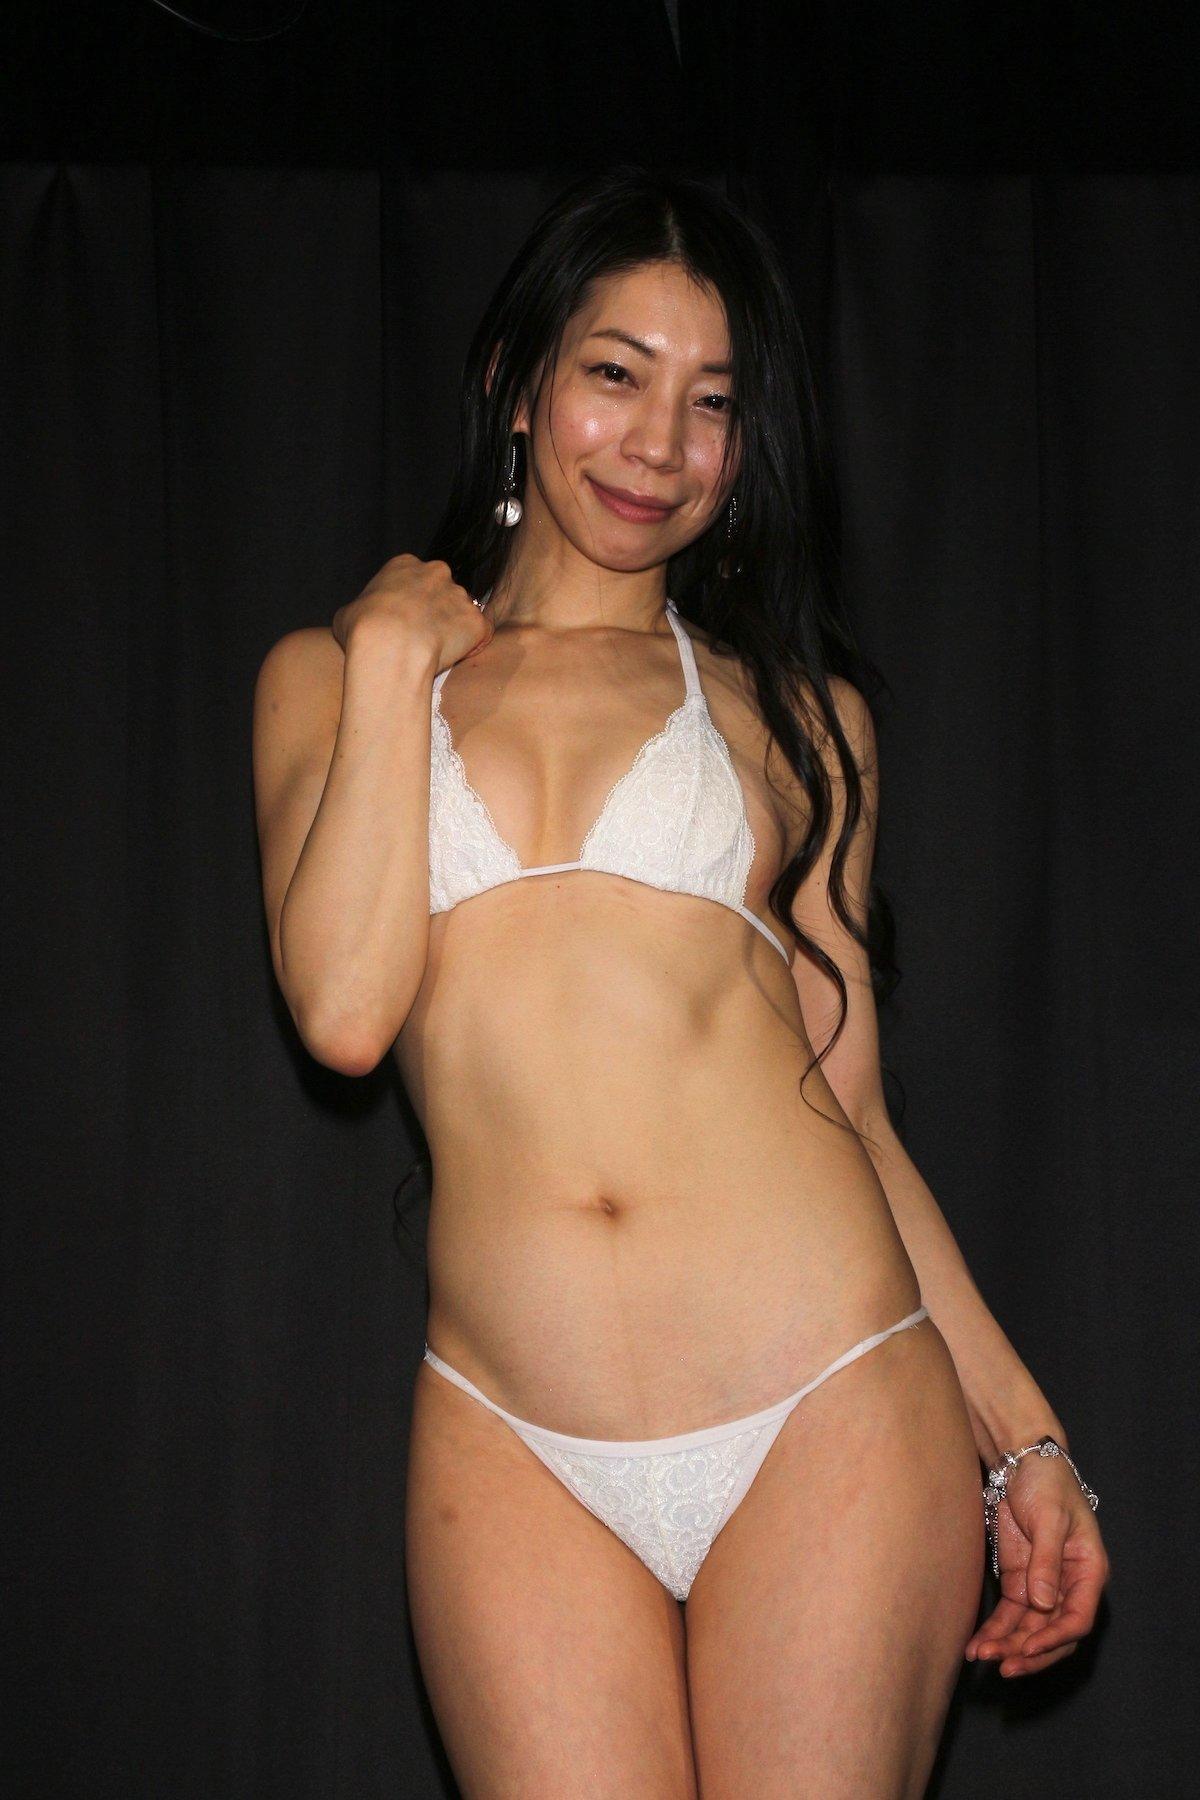 岩崎真奈「ベンチの縁にこすったり」私史上最高にセクシー【画像50枚】の画像005